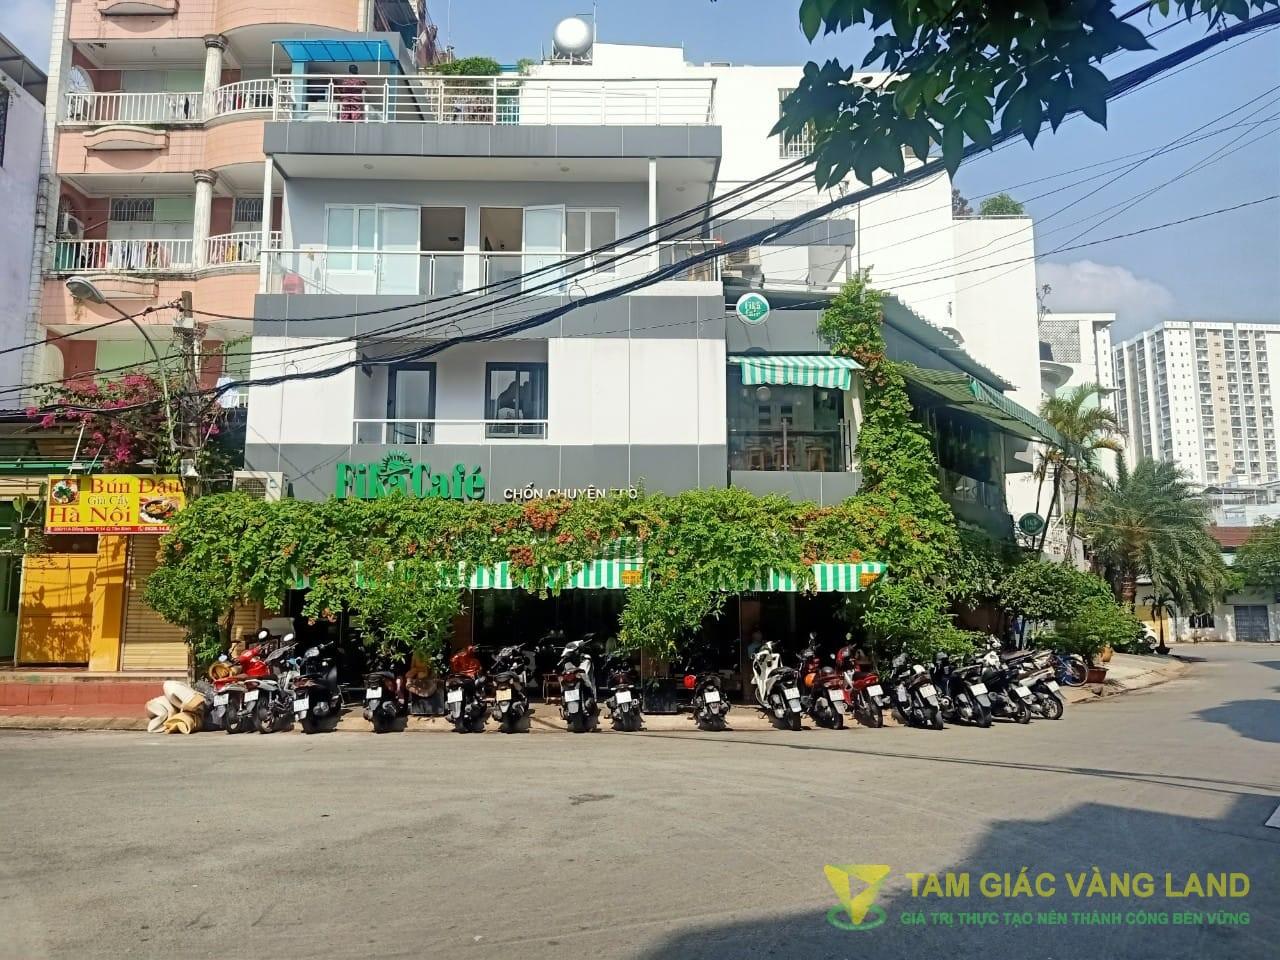 Cho thuê nhà mặt tiền đường Đồng Đen, Phường 12, Quận Tân Bình, DT 10x10m, mặt bằng, Giá 40 triệu/tháng